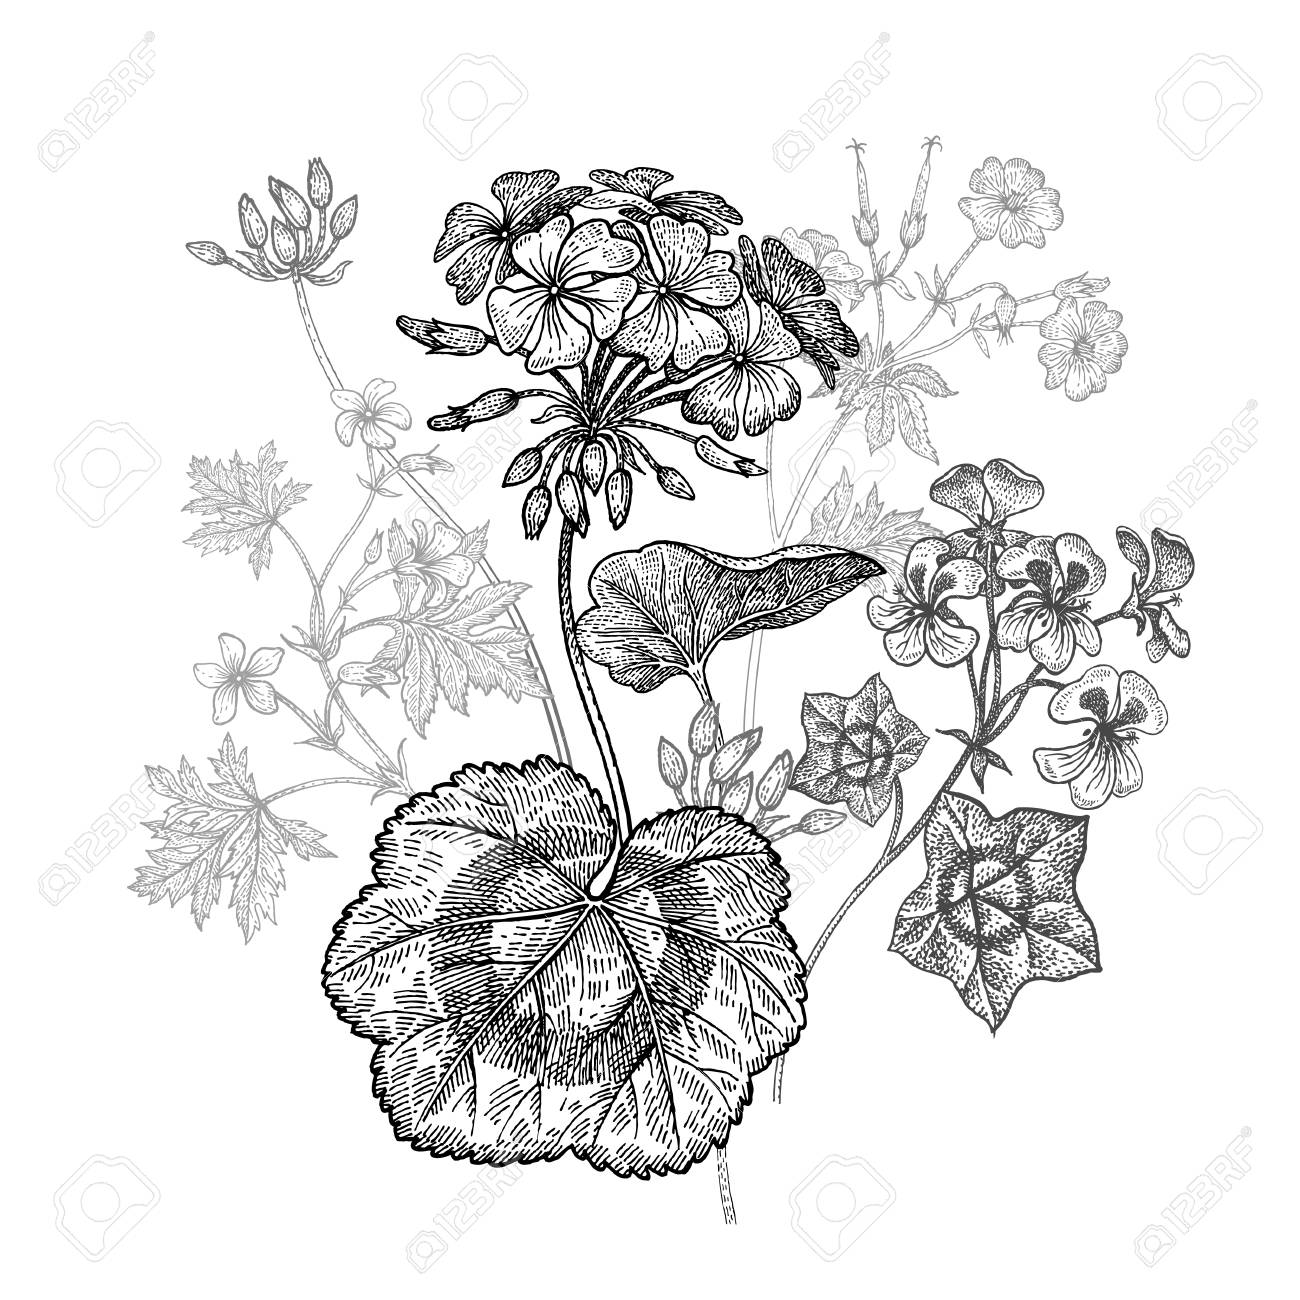 Géranium Ou Fleur De Jardin Pelargonium Bouquet Isolé Sur Fond Blanc Dessin à La Main En Noir Et Blanc Illustration Vectorielle Art Gravure